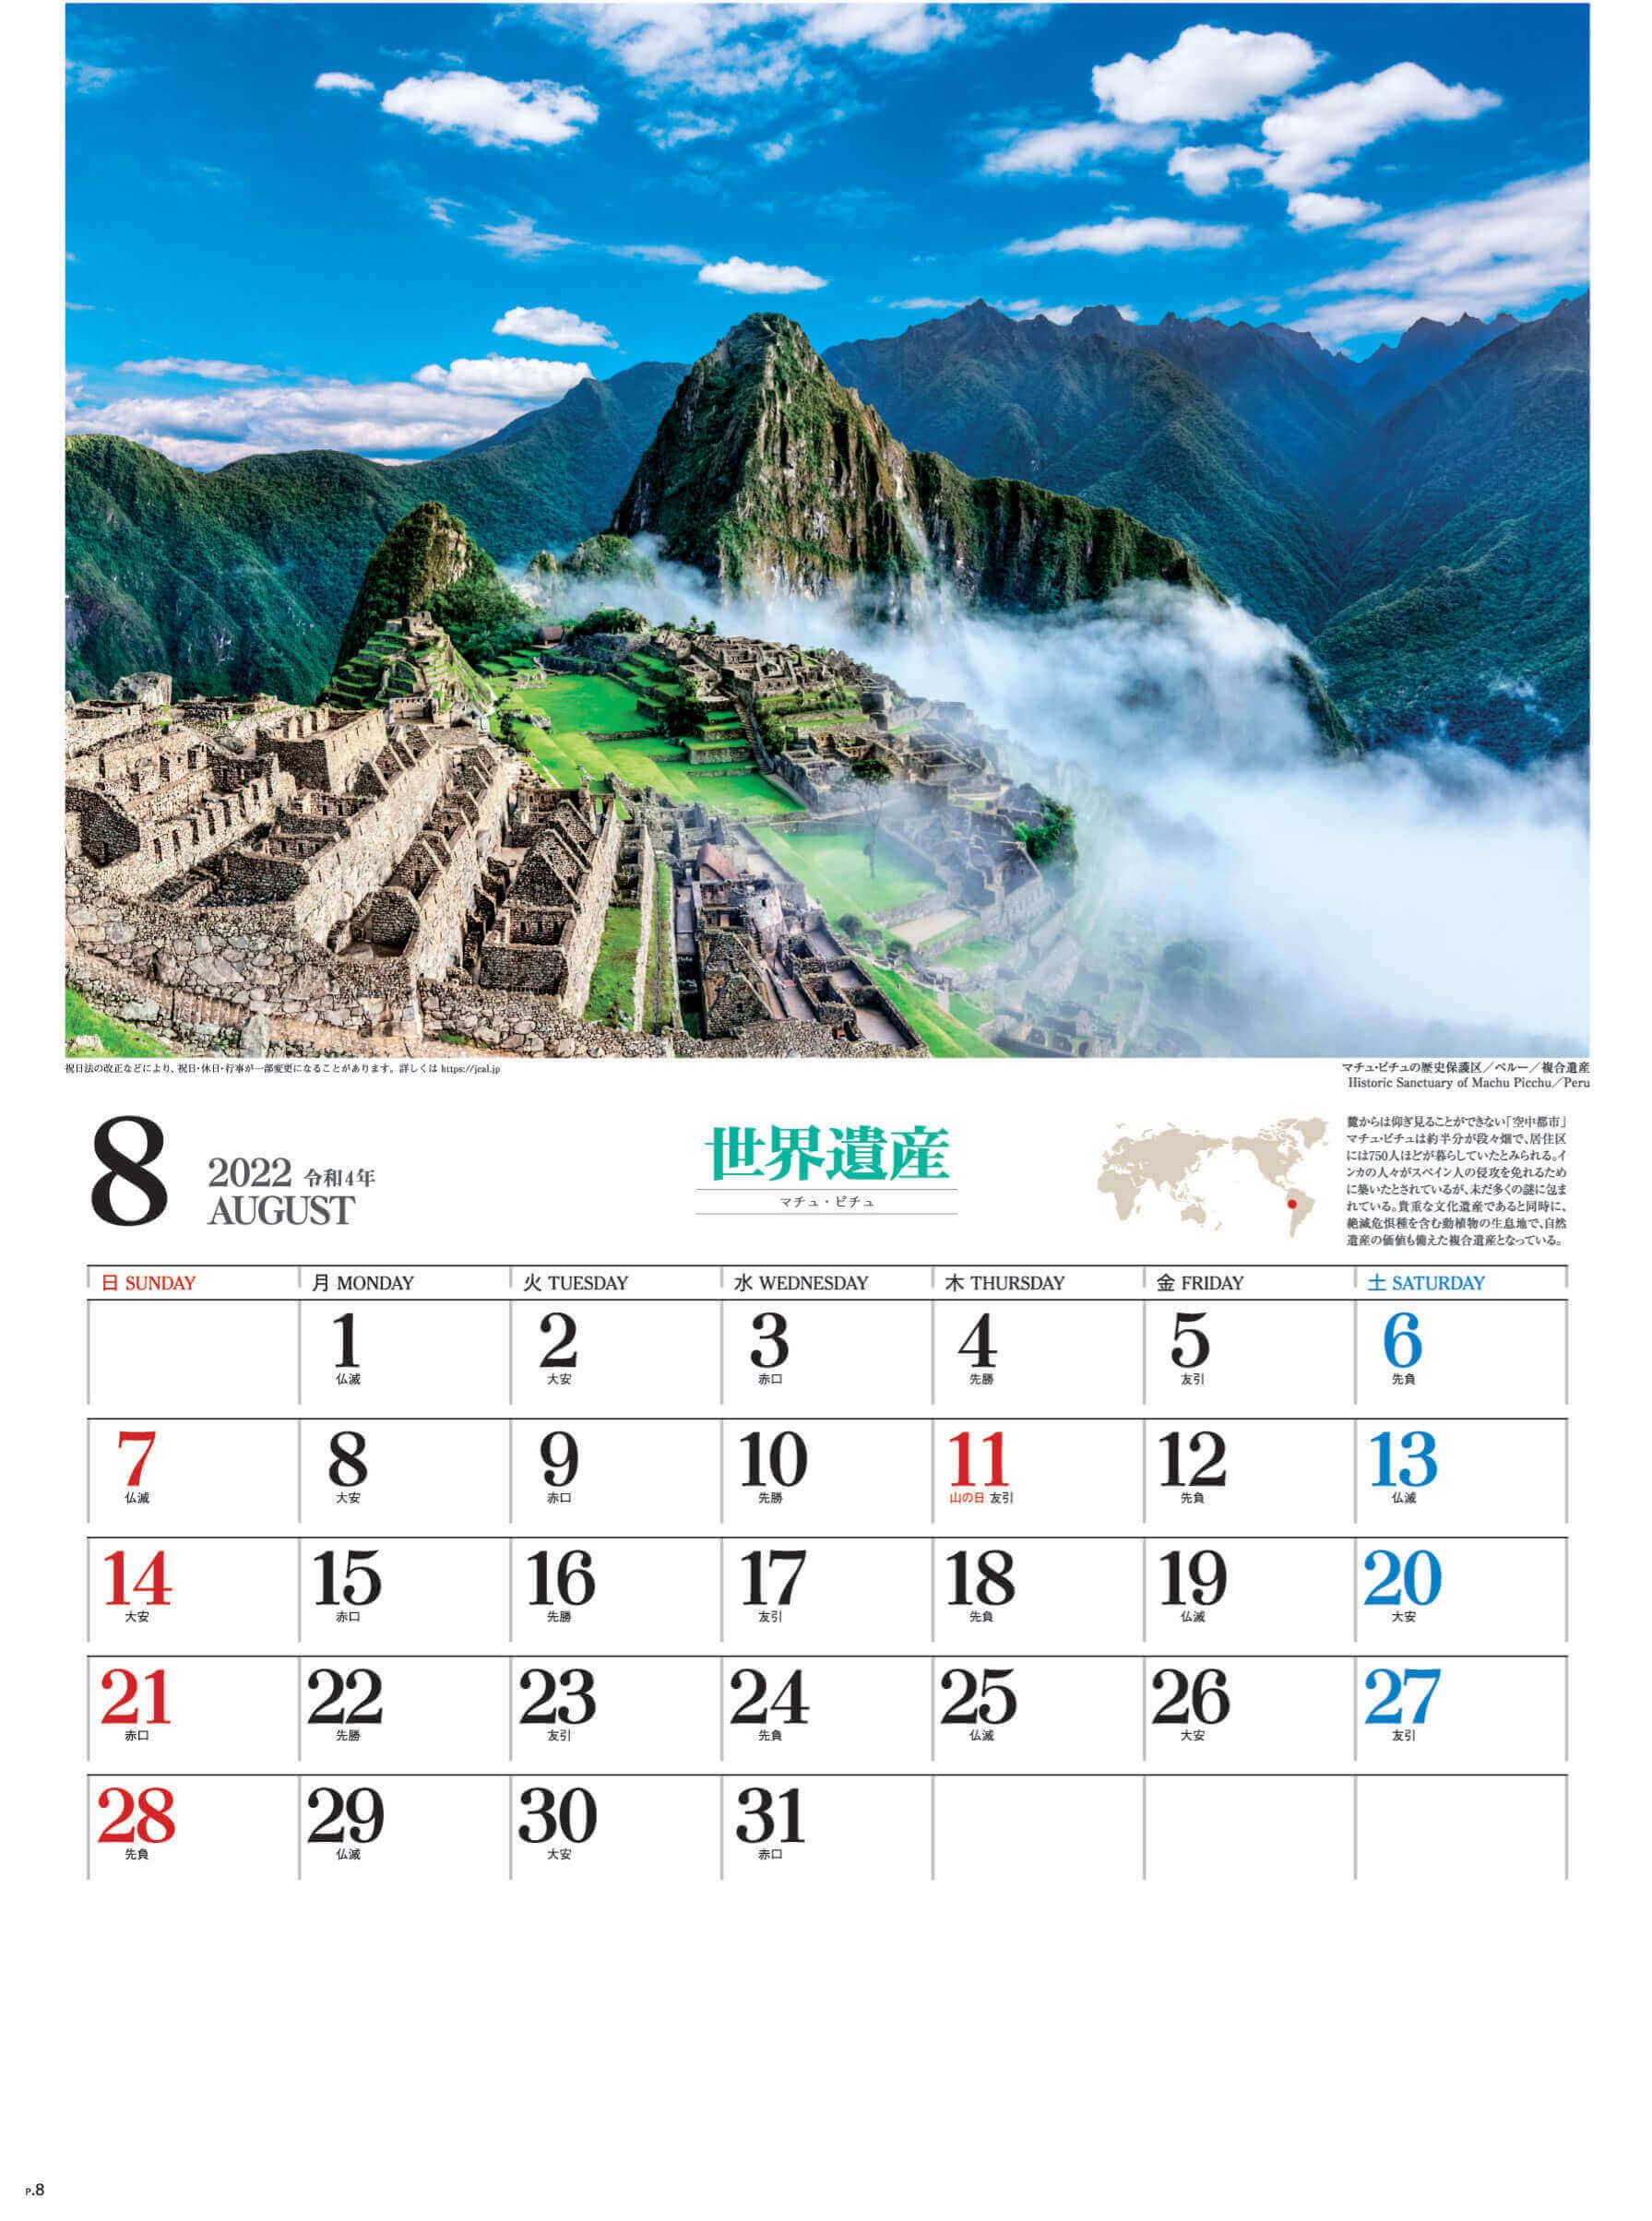 8月 マチ・ピチュ ペルー ユネスコ世界遺産 2022年カレンダーの画像